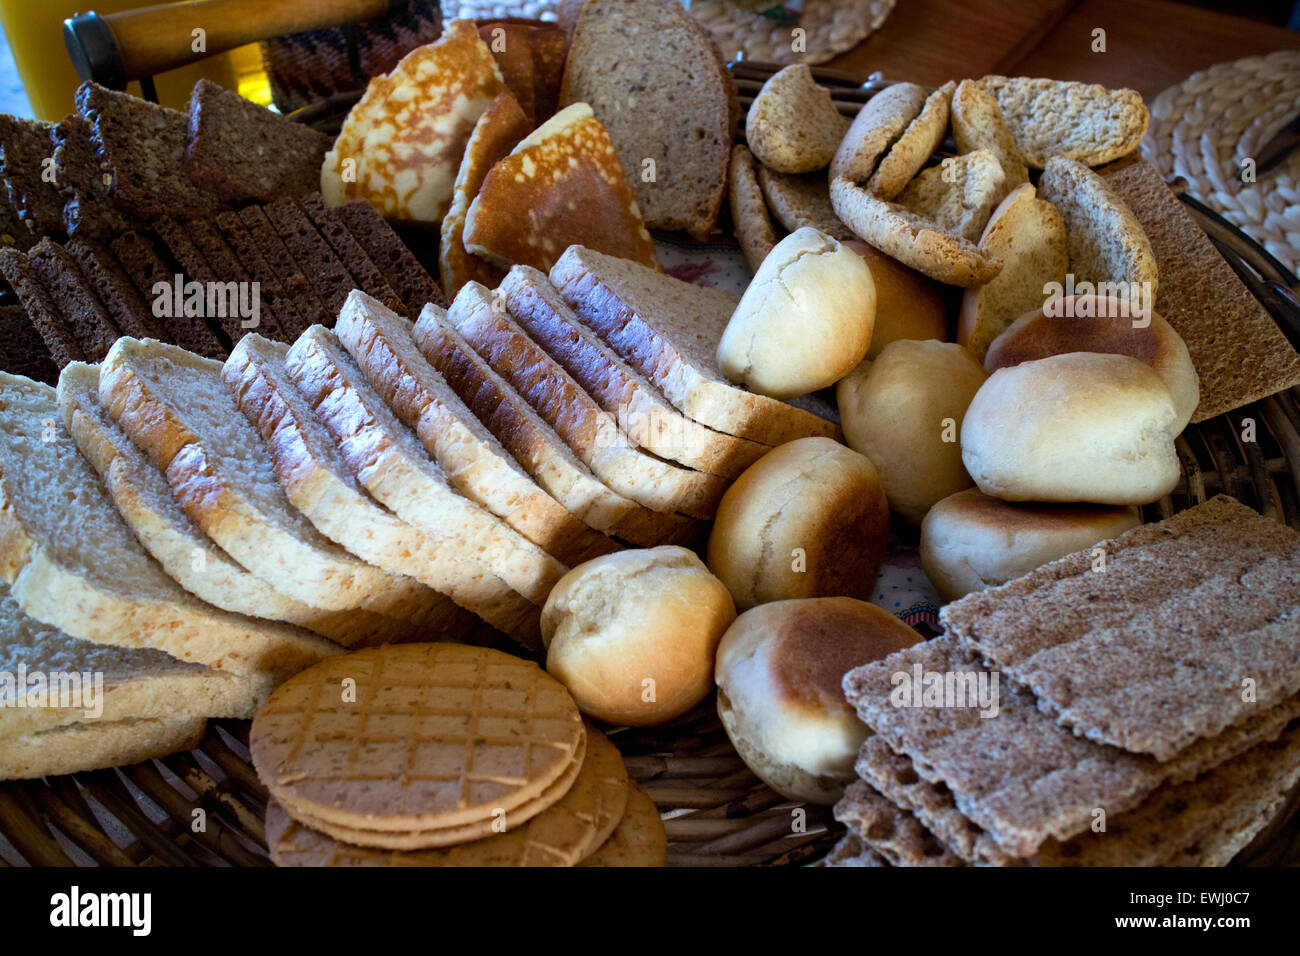 Sélection de pains et de l'islande nordiques disposés sur une table en Islande Photo Stock